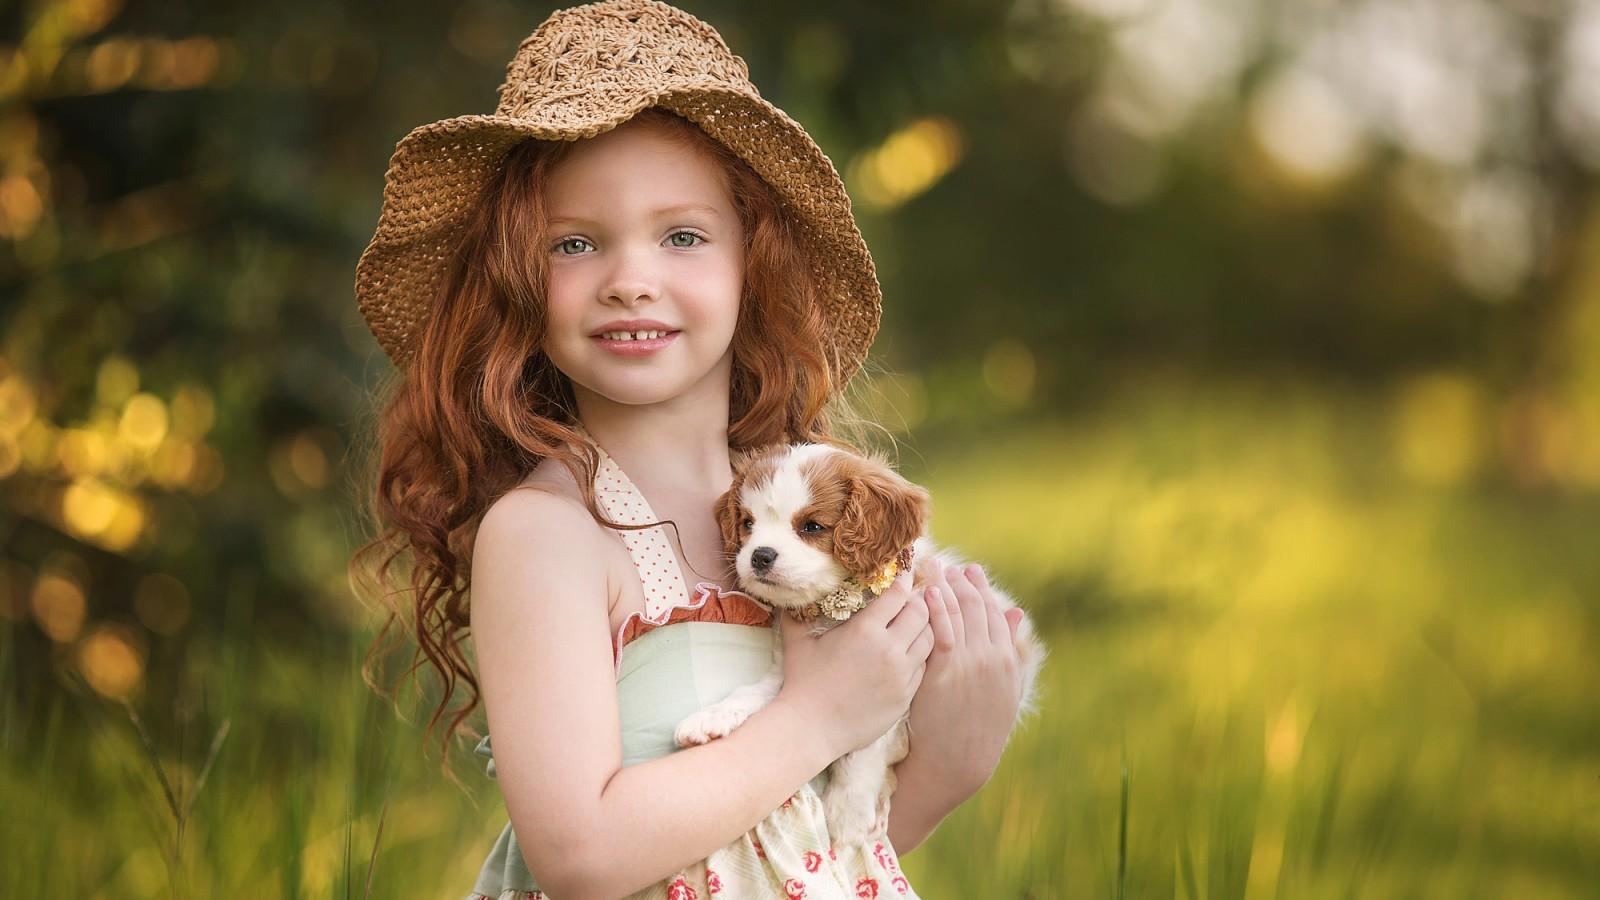 بالصور صور بنت تضحك , اجمل صورة لفتاة ضاحكة 2134 3